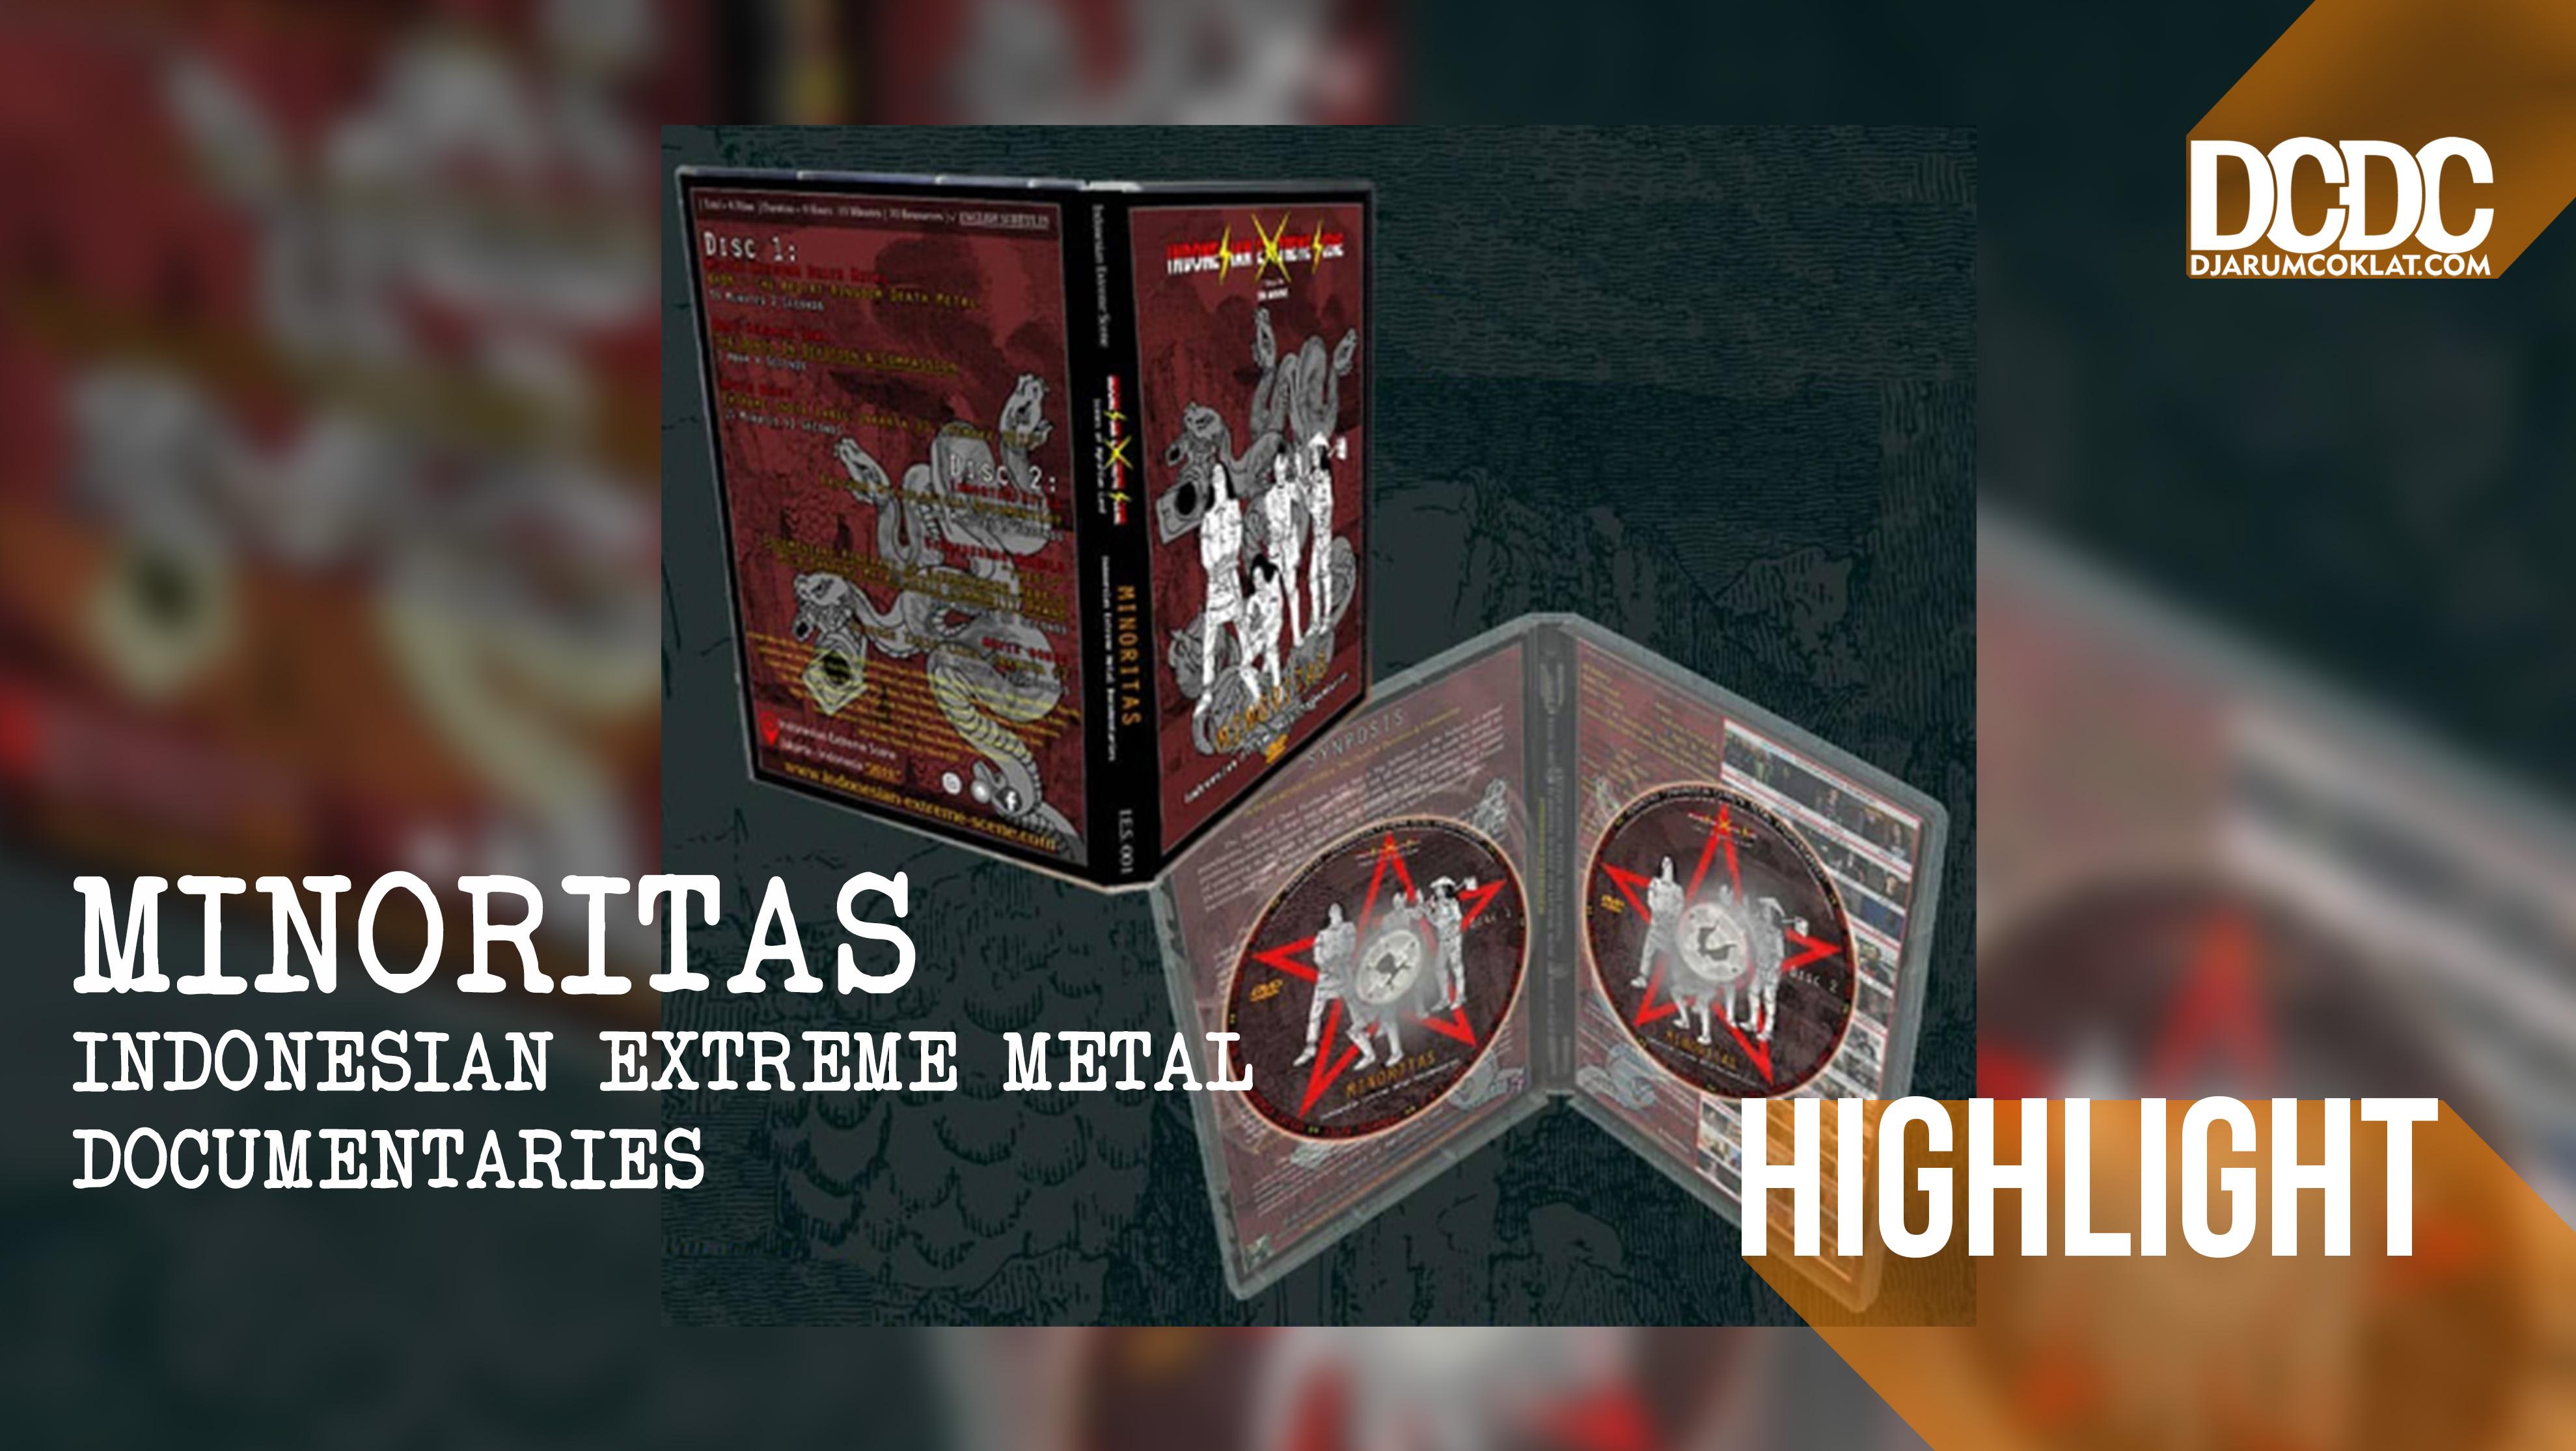 Kisah Komunitas Extreme Metal Indonesia dalam Film Dokumenter